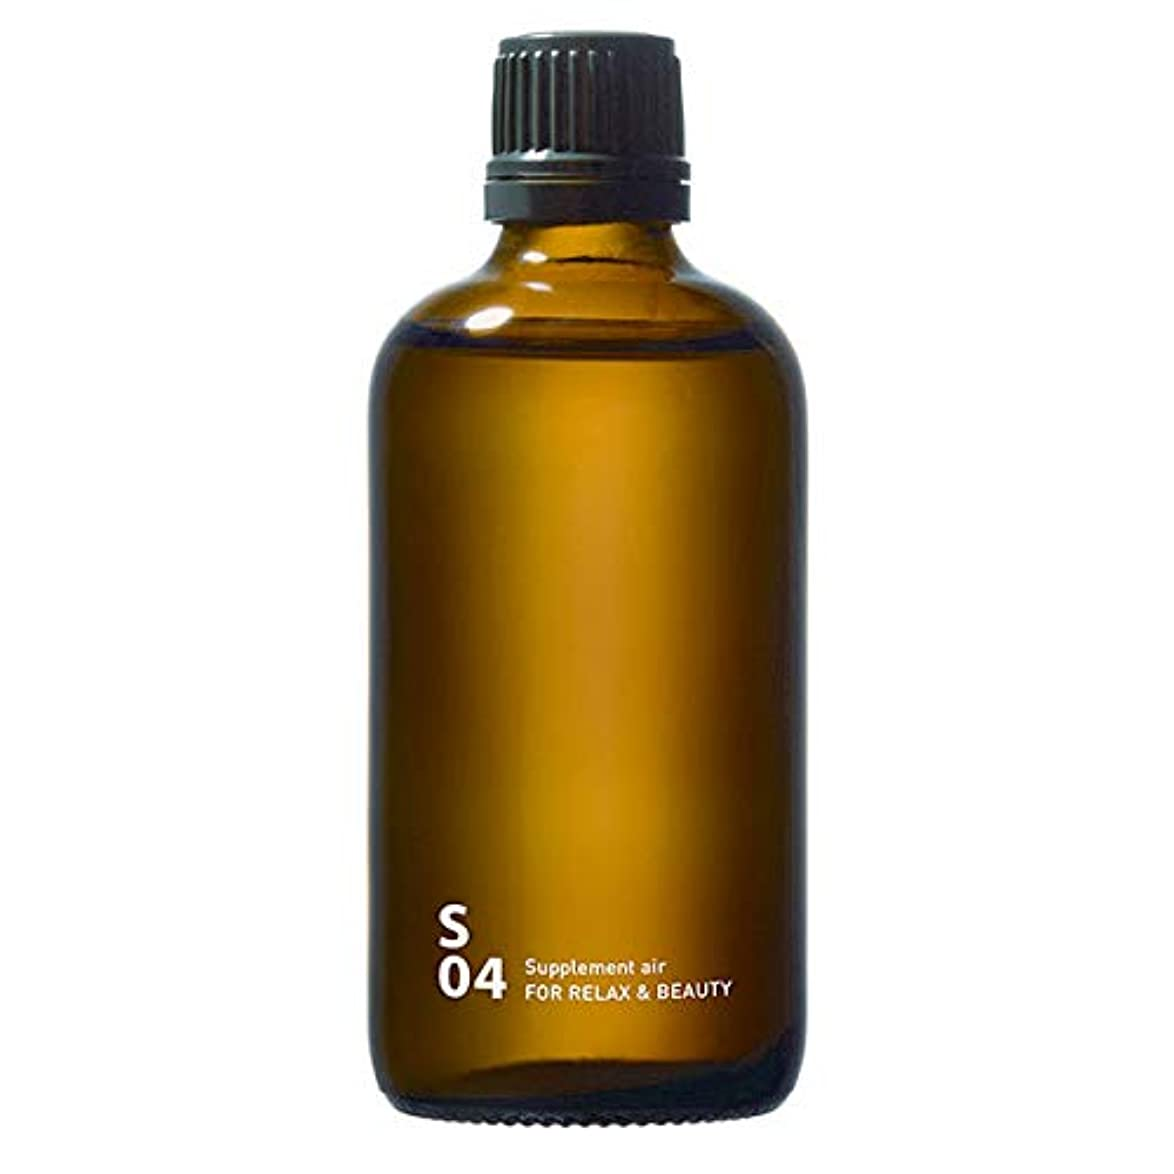 パパ水銀の誤解を招くS04 FOR RELAX & BEAUTY piezo aroma oil 100ml